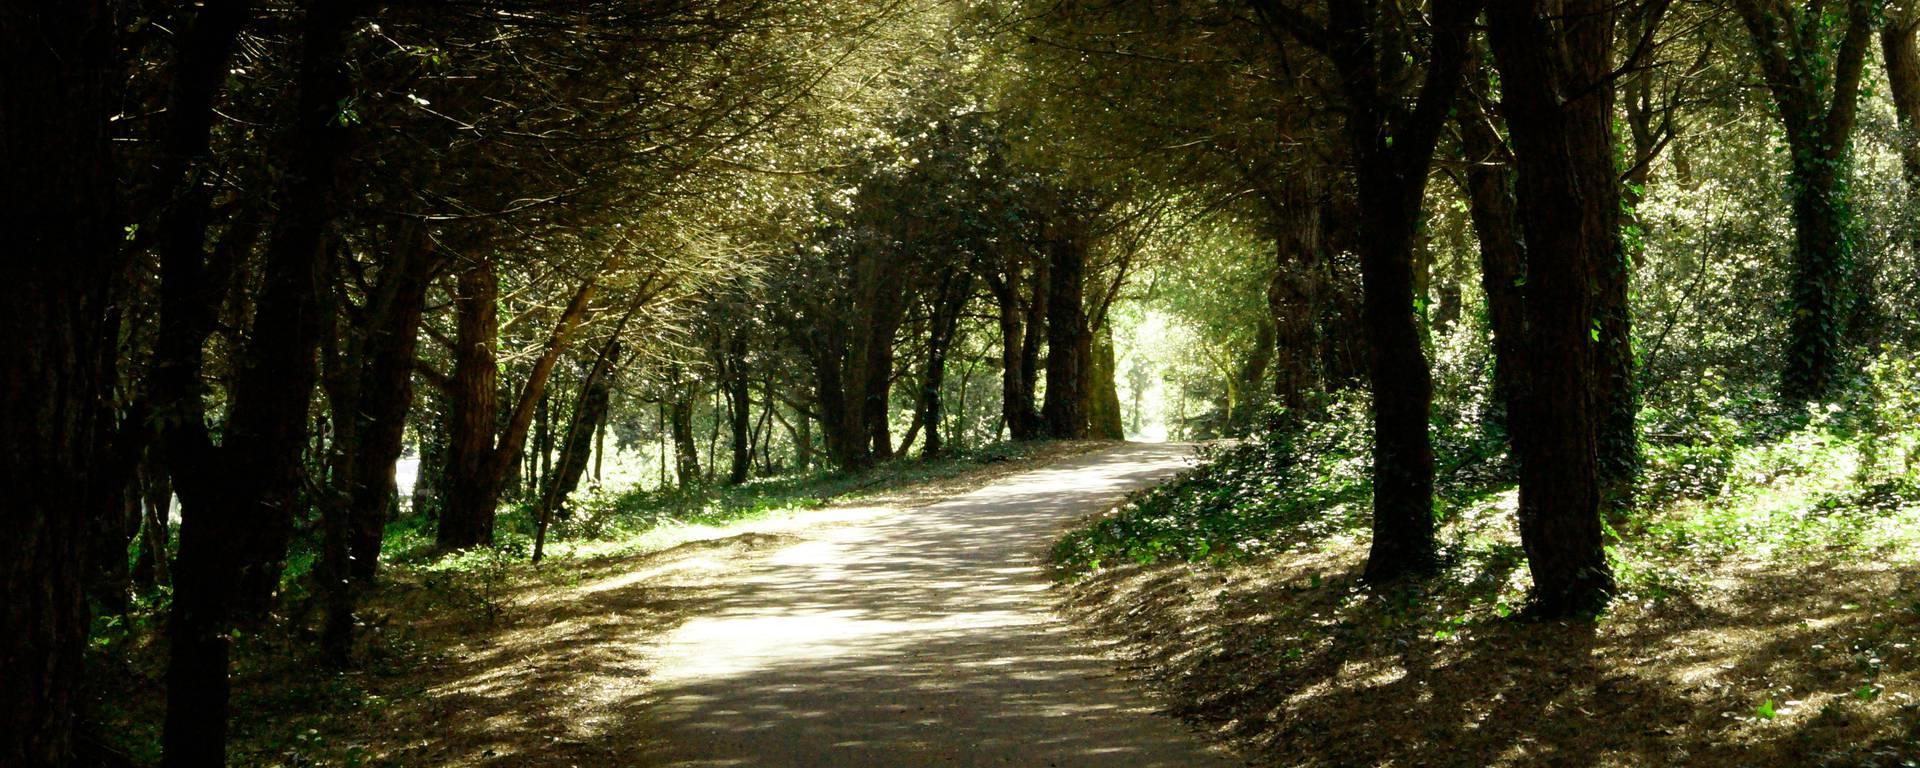 Forest in Les Portes en Ré by Pierre Galine